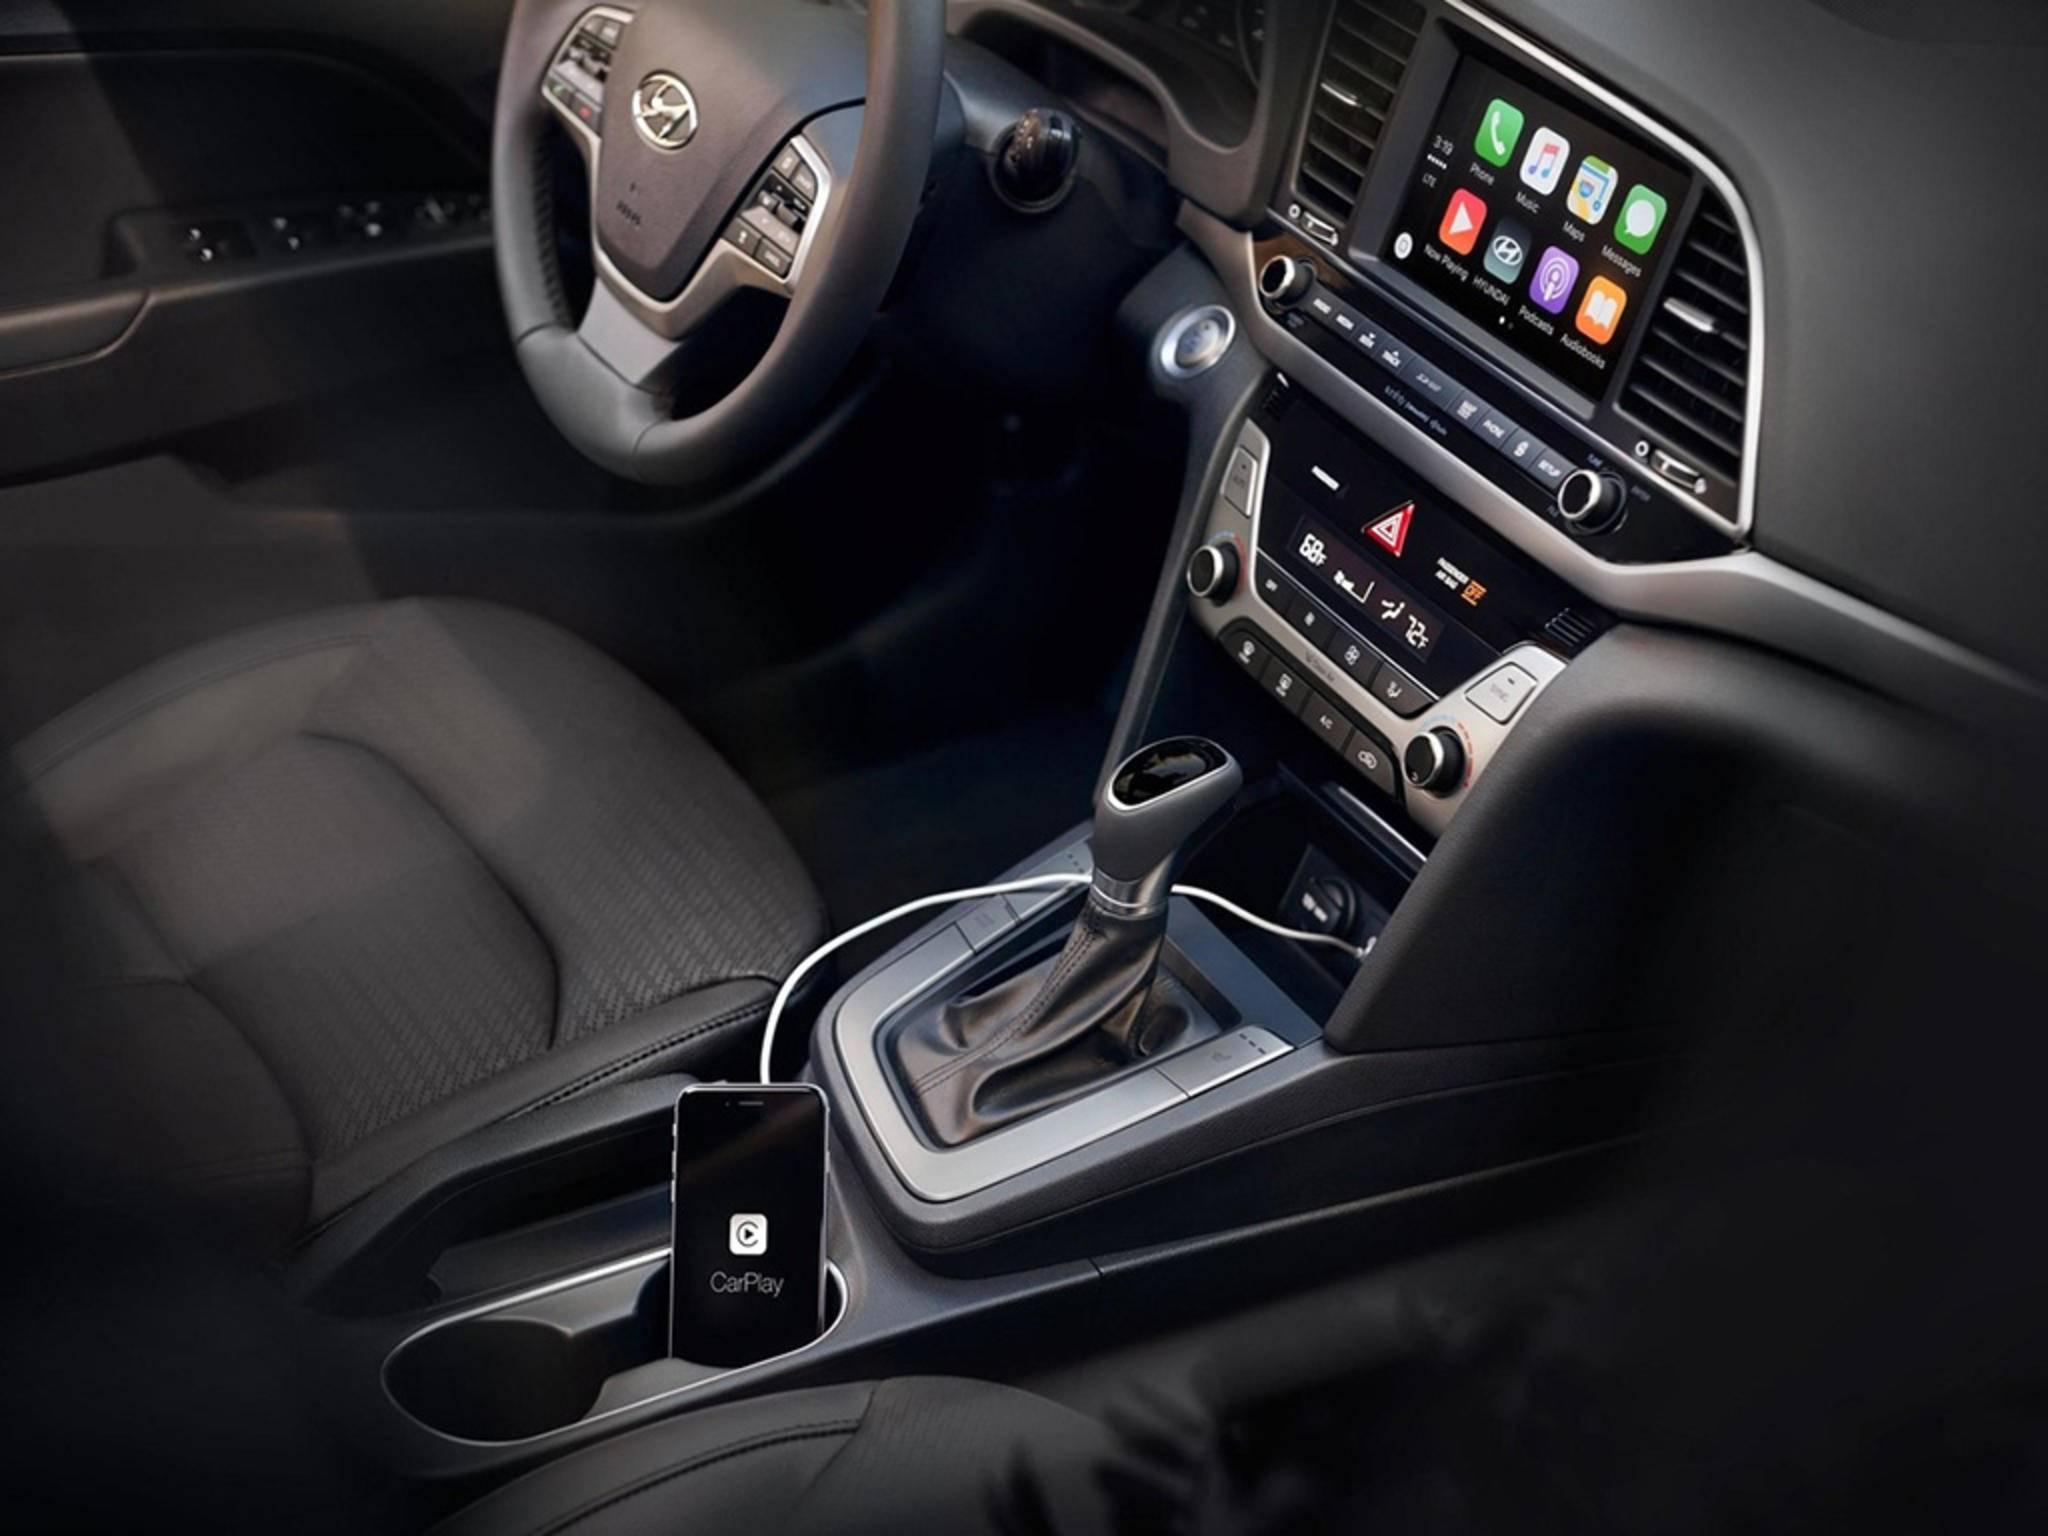 Der Hyundai Elantra ist mit Android Auto ausgestattet.